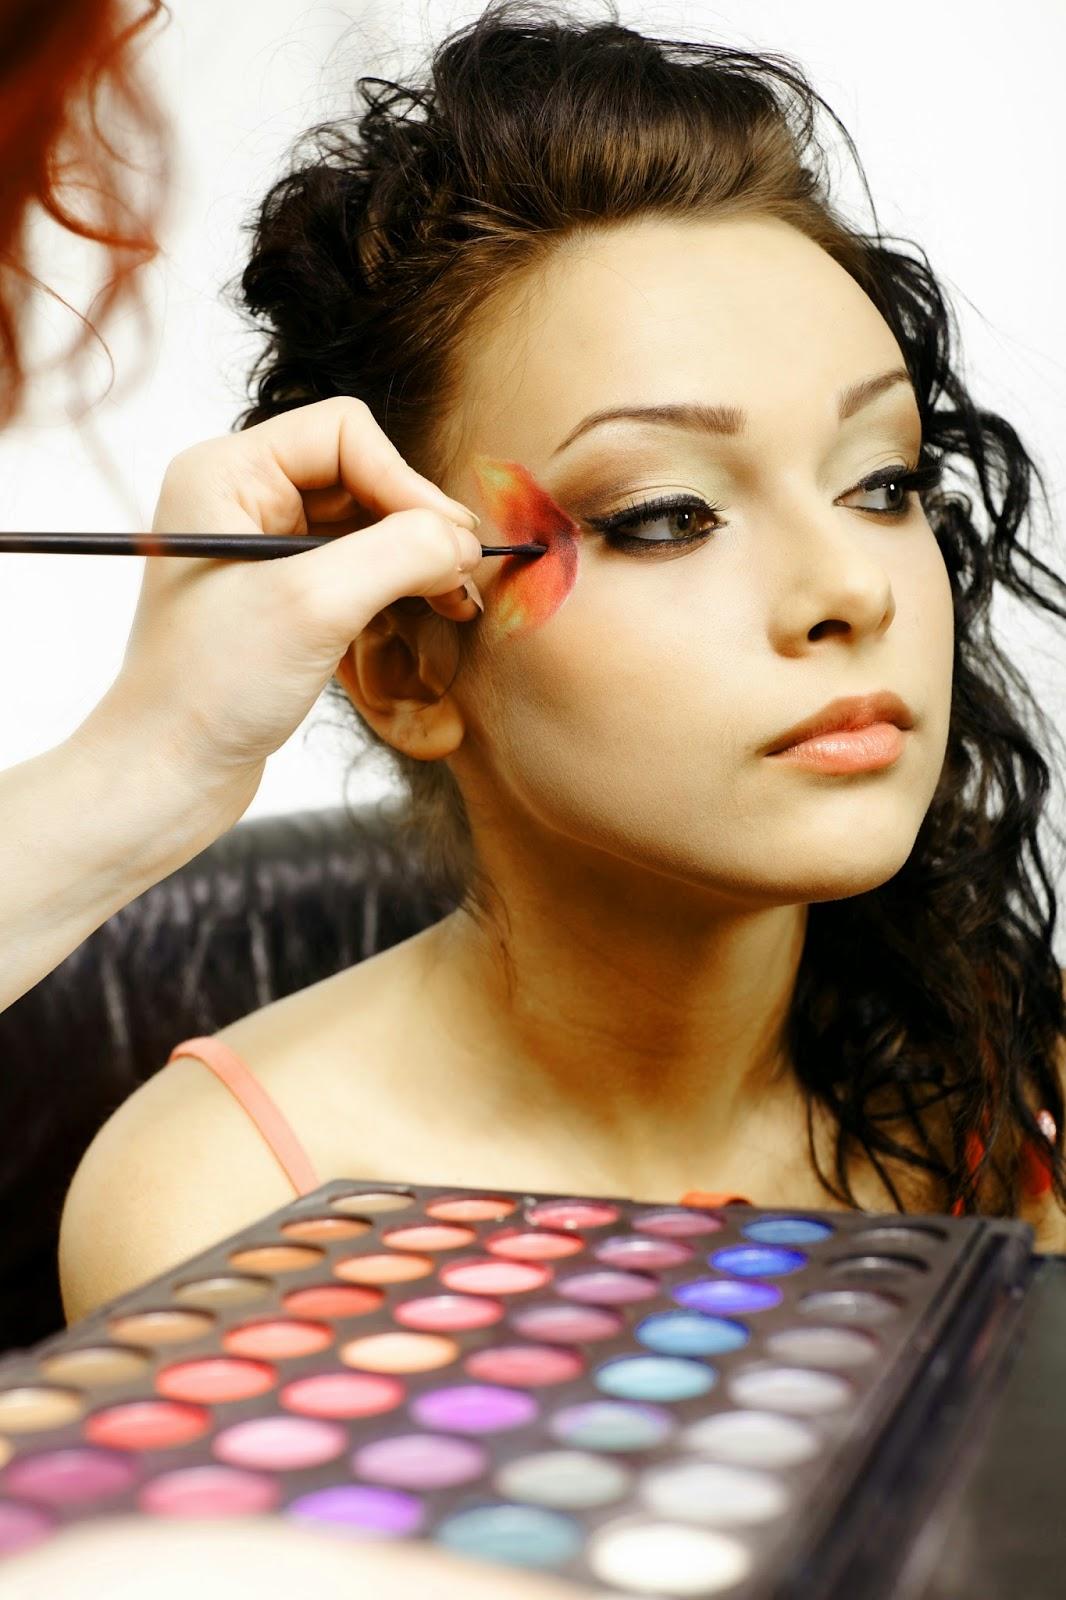 Makeup Artist Youtube: Makeup Artists Career